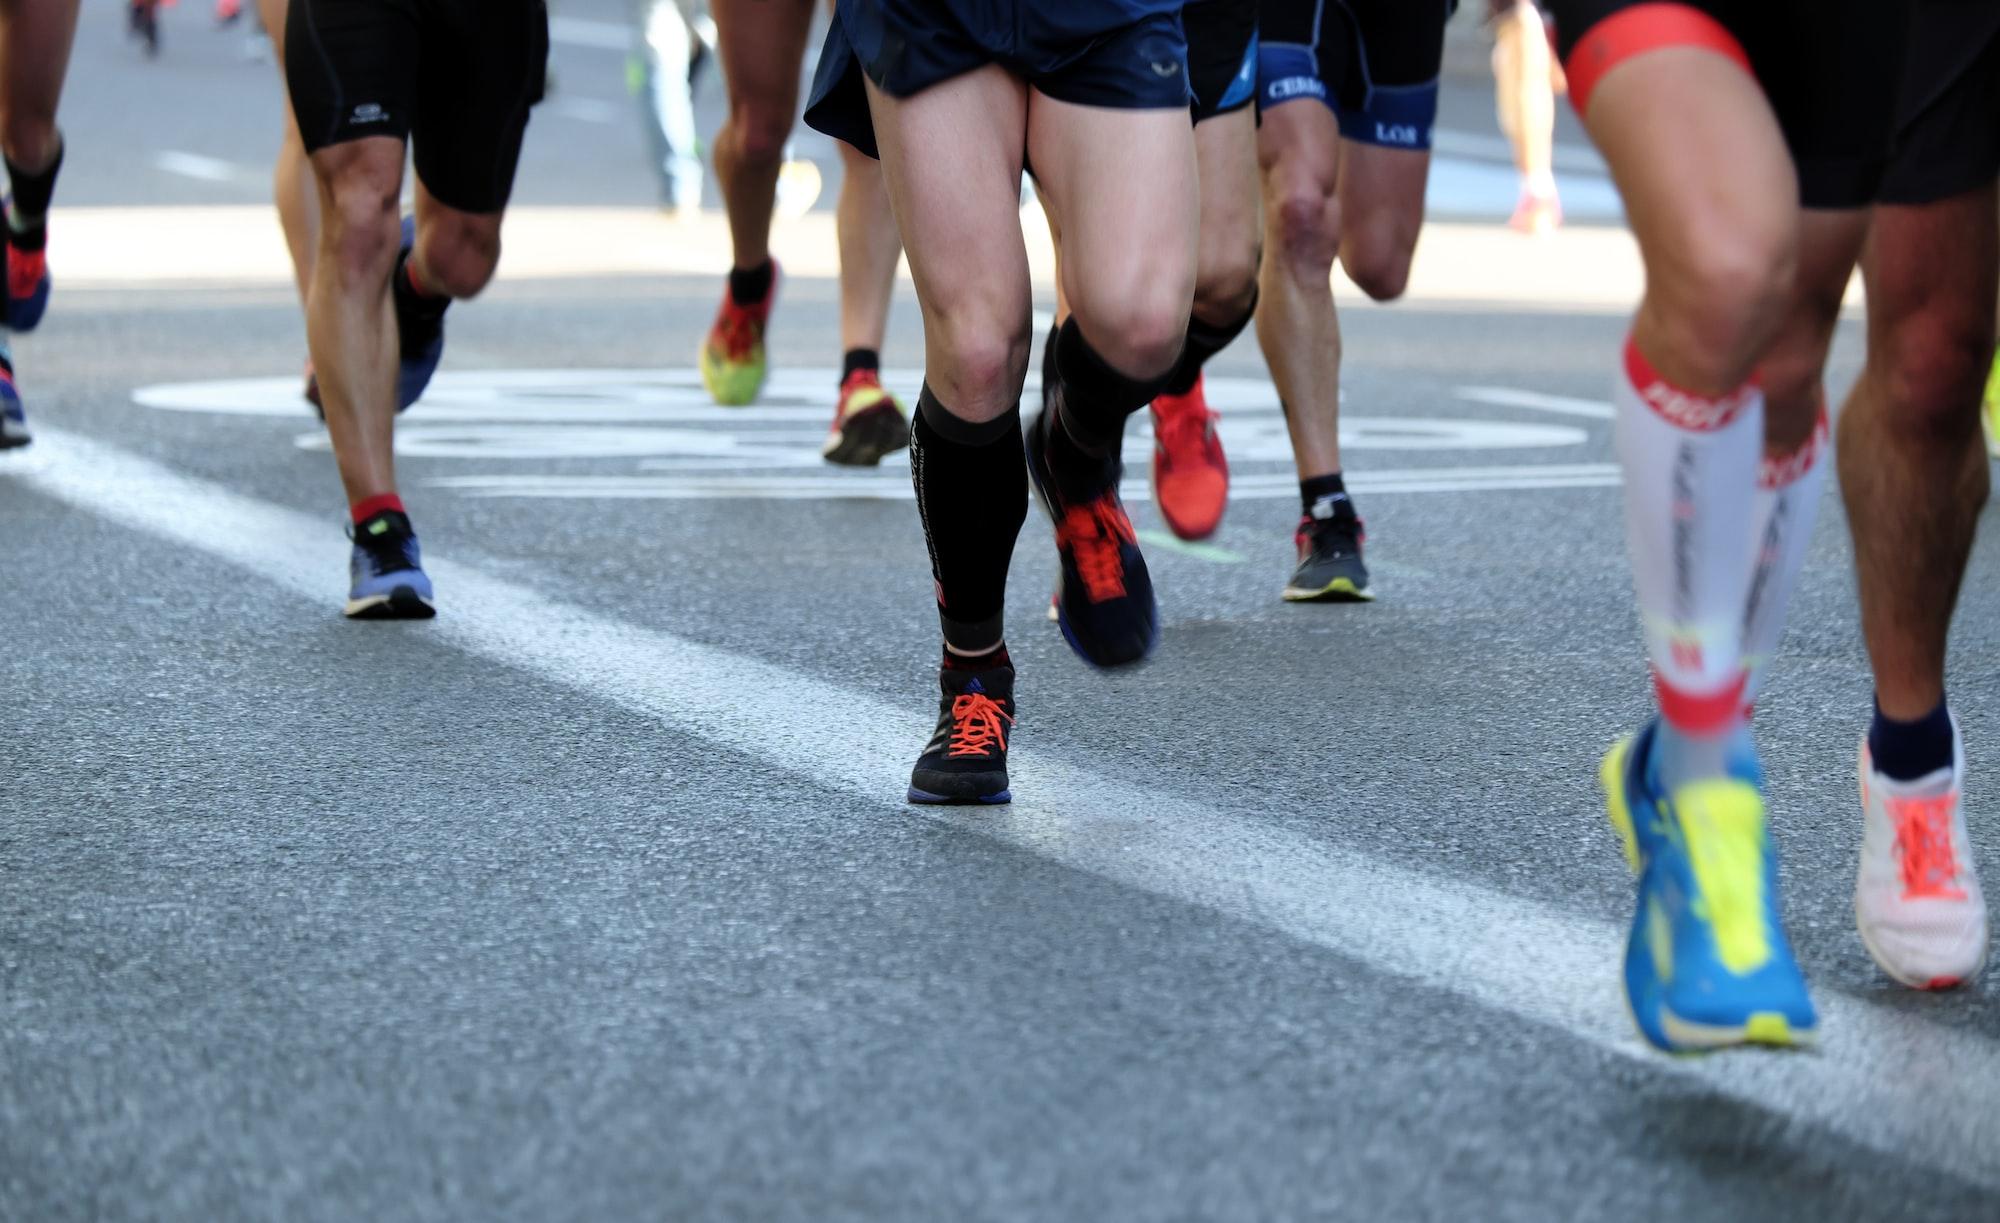 วิธีสร้างรอบขา ในการวิ่งให้สูงขึ้น